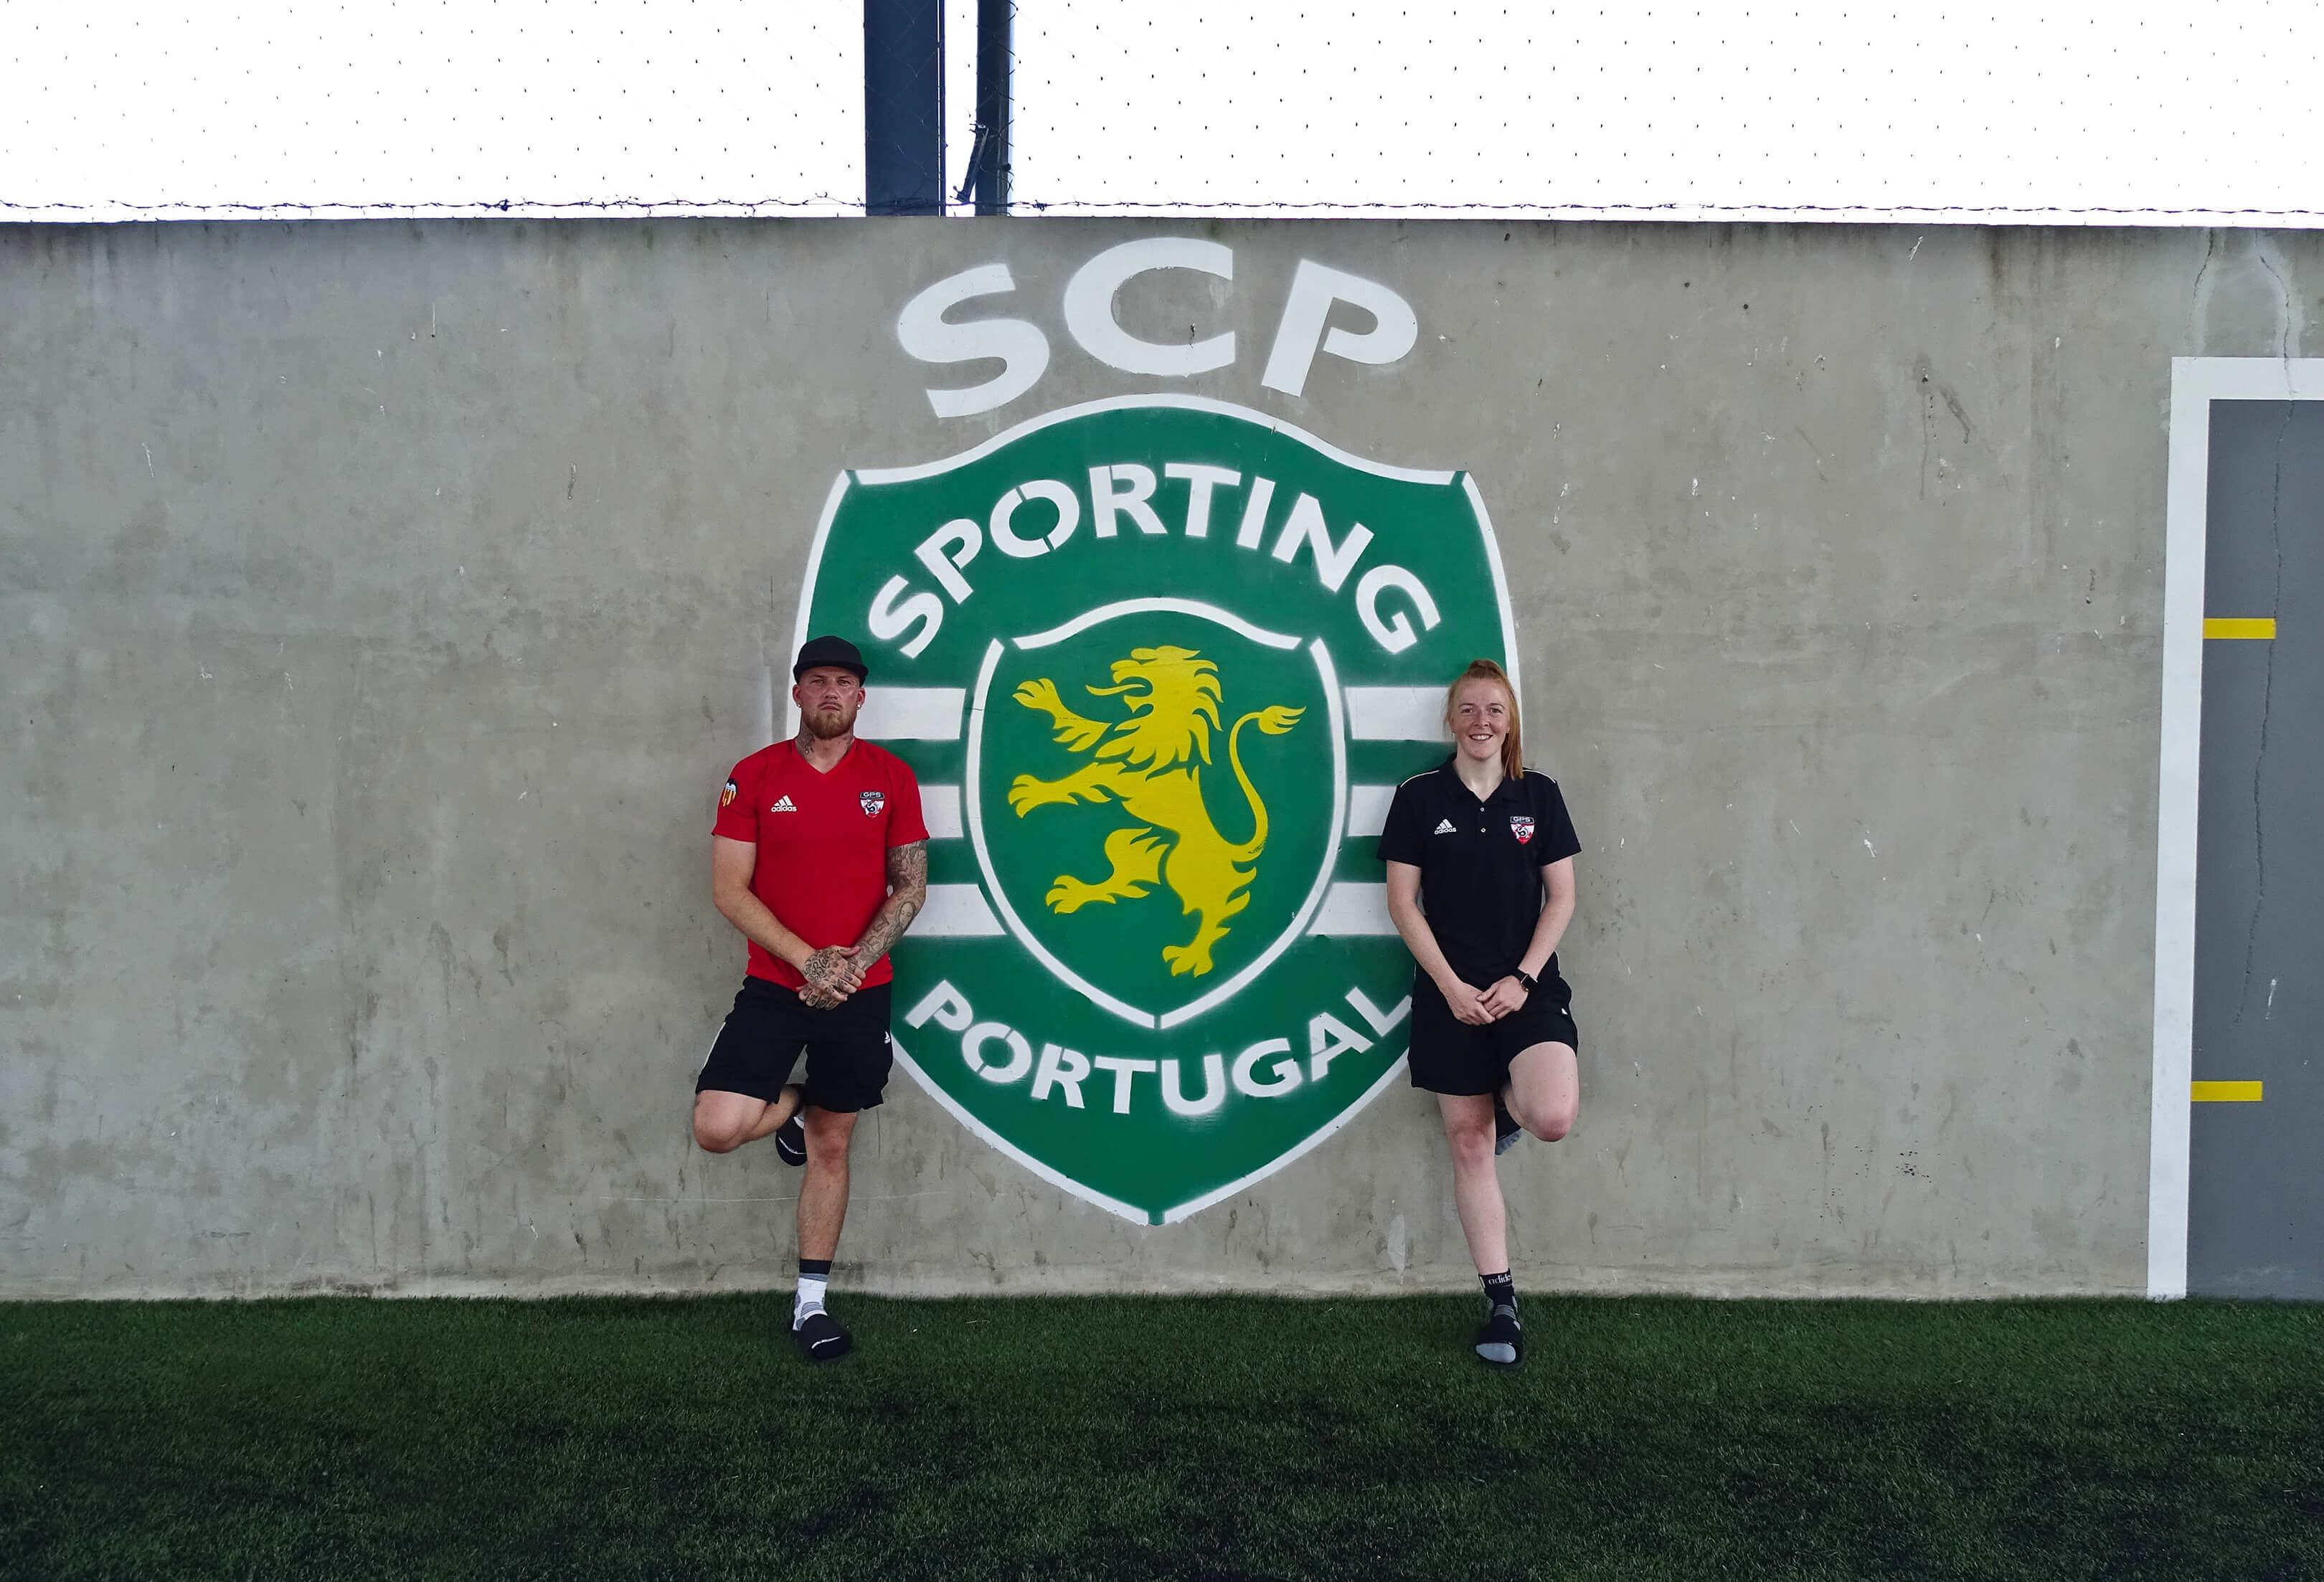 Soccer Tours Sporting Lisbon